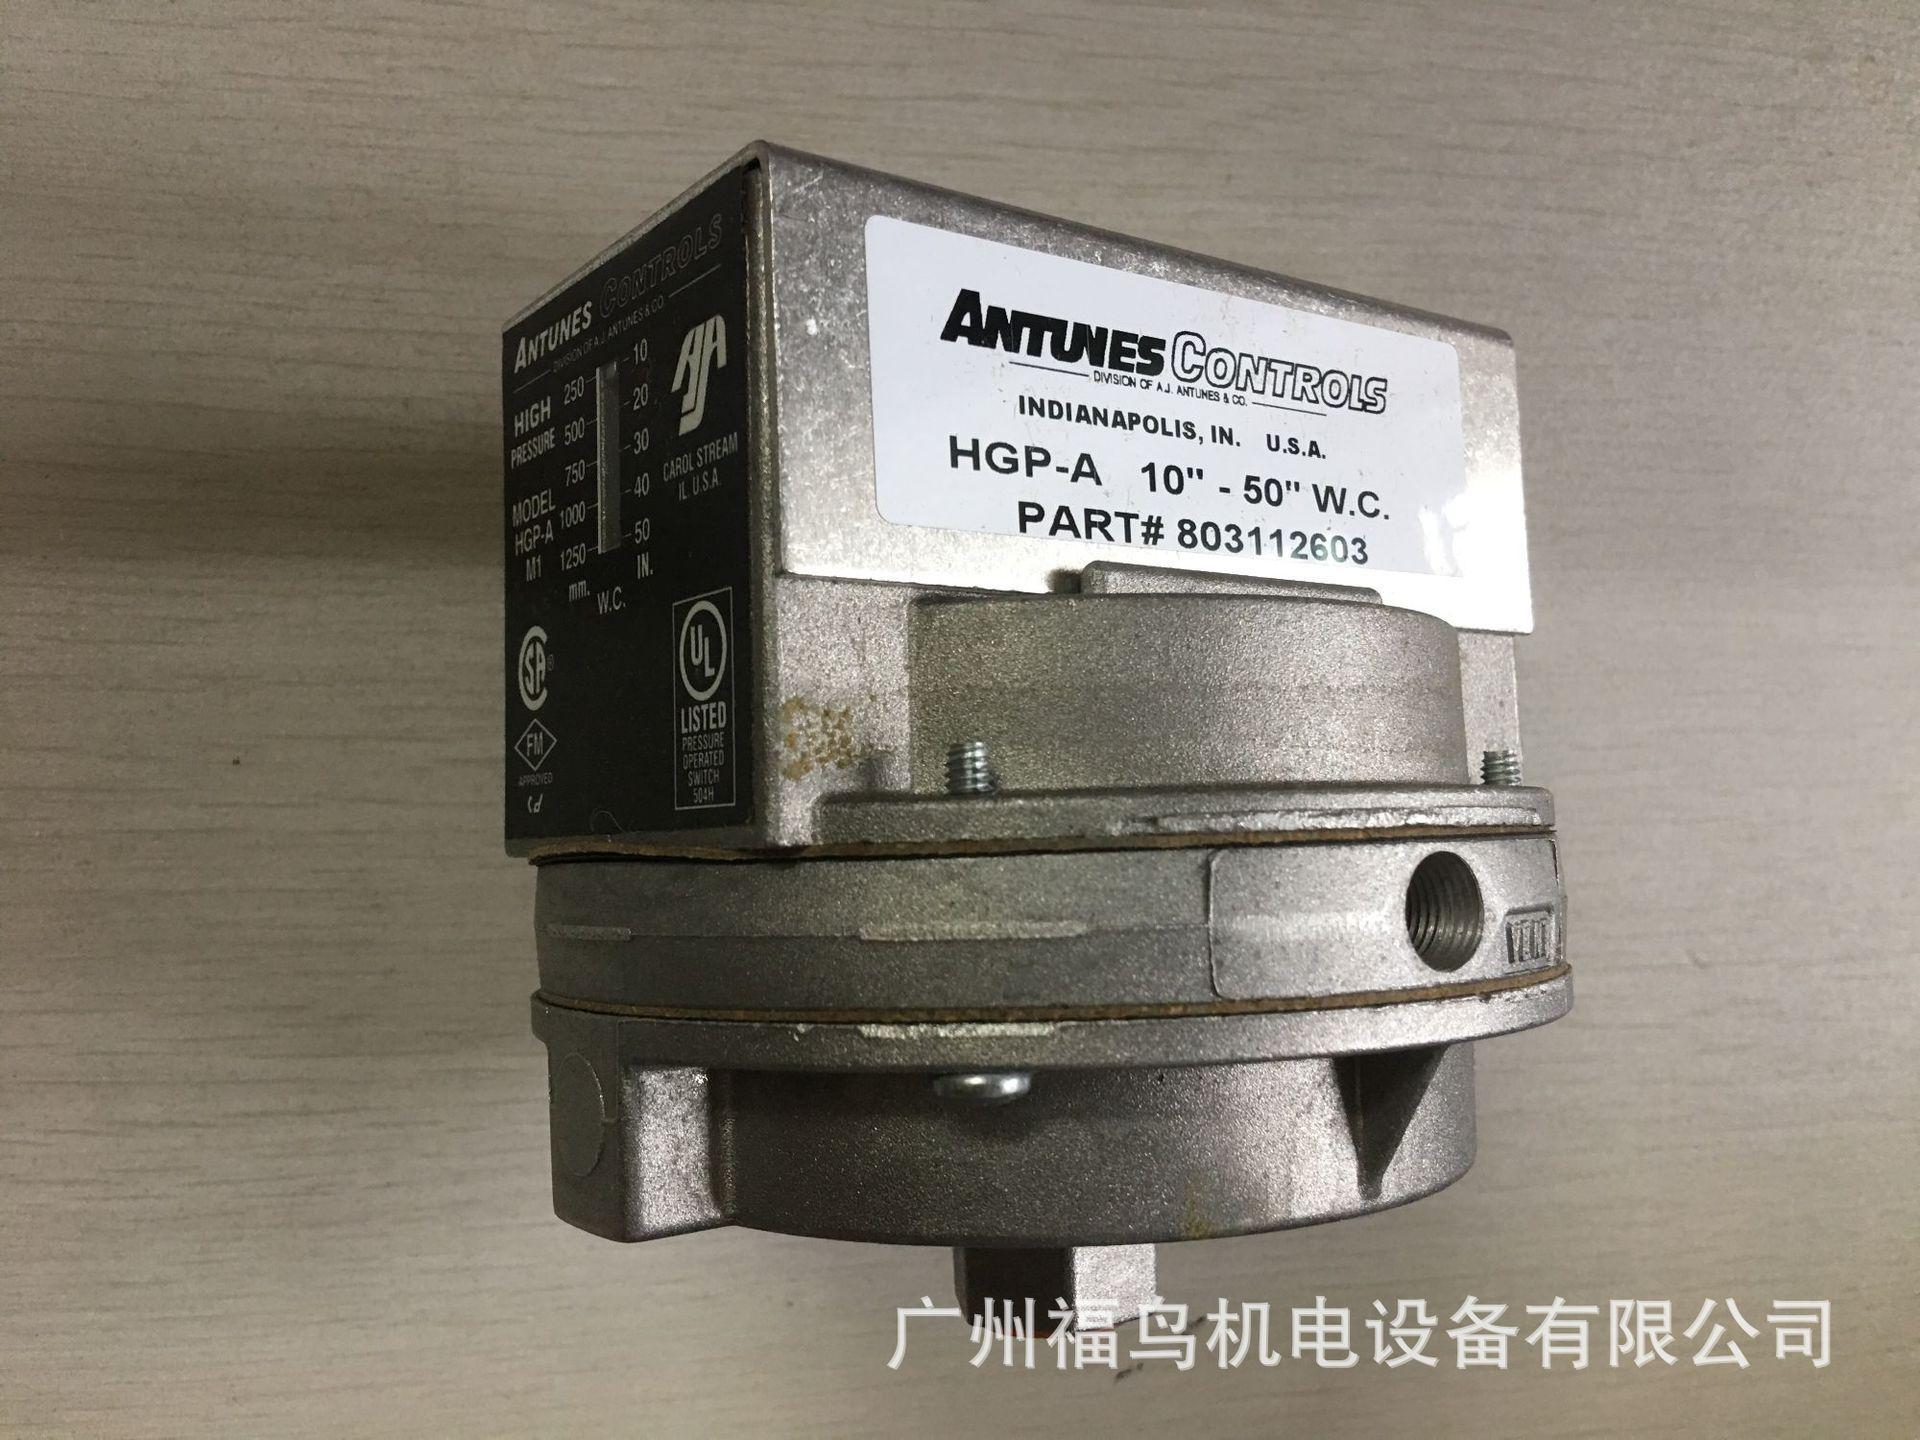 ANTUNES CONTROLS壓力開關, 型號: HGP-A, 803112603